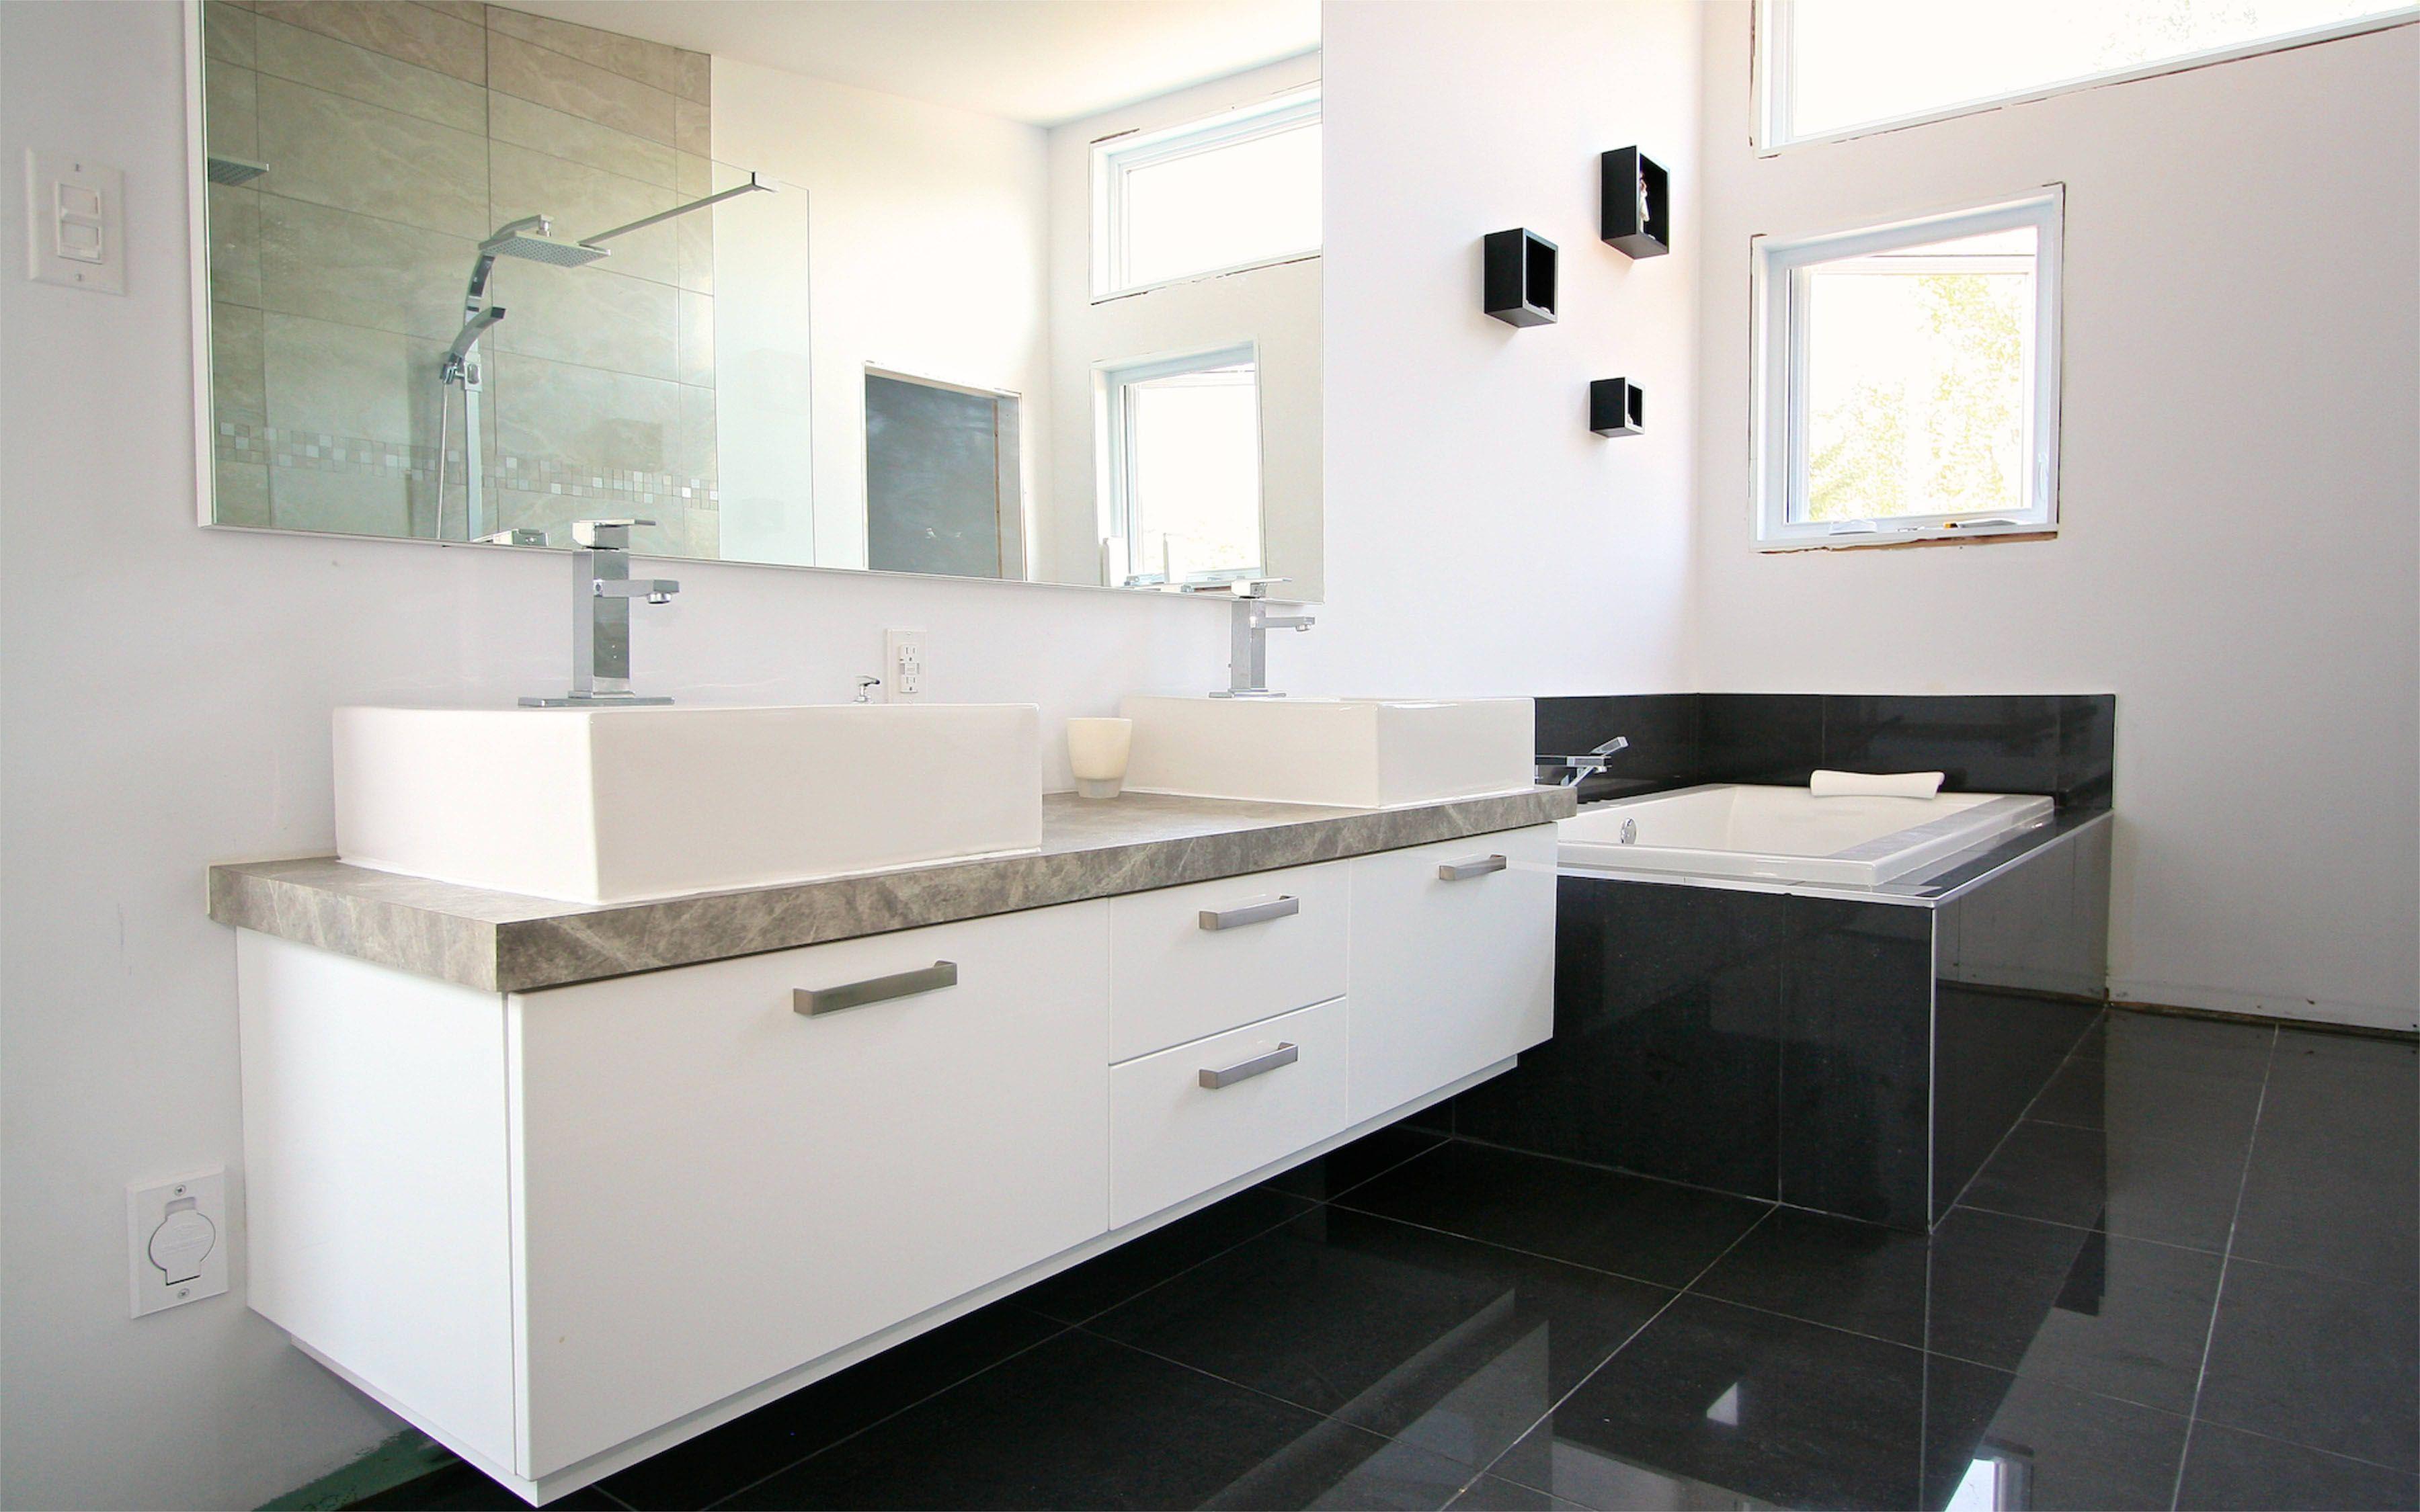 Salle de bain fabrication d armoires en thermoplastique Stratifie pour salle de bain